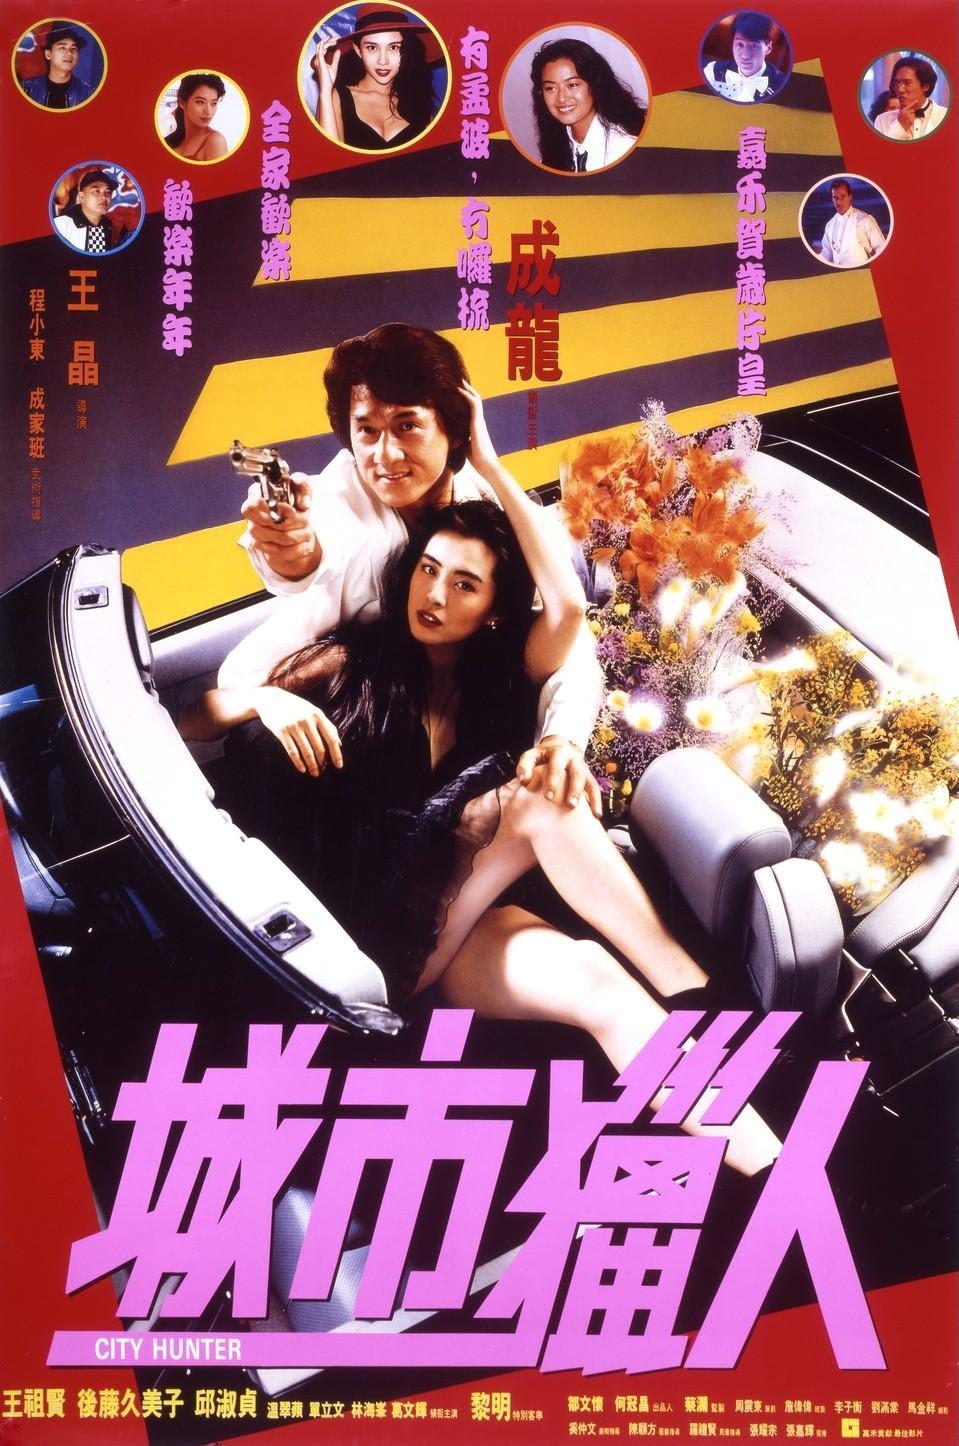 City Hunter (1992) Review | cityonfire.com